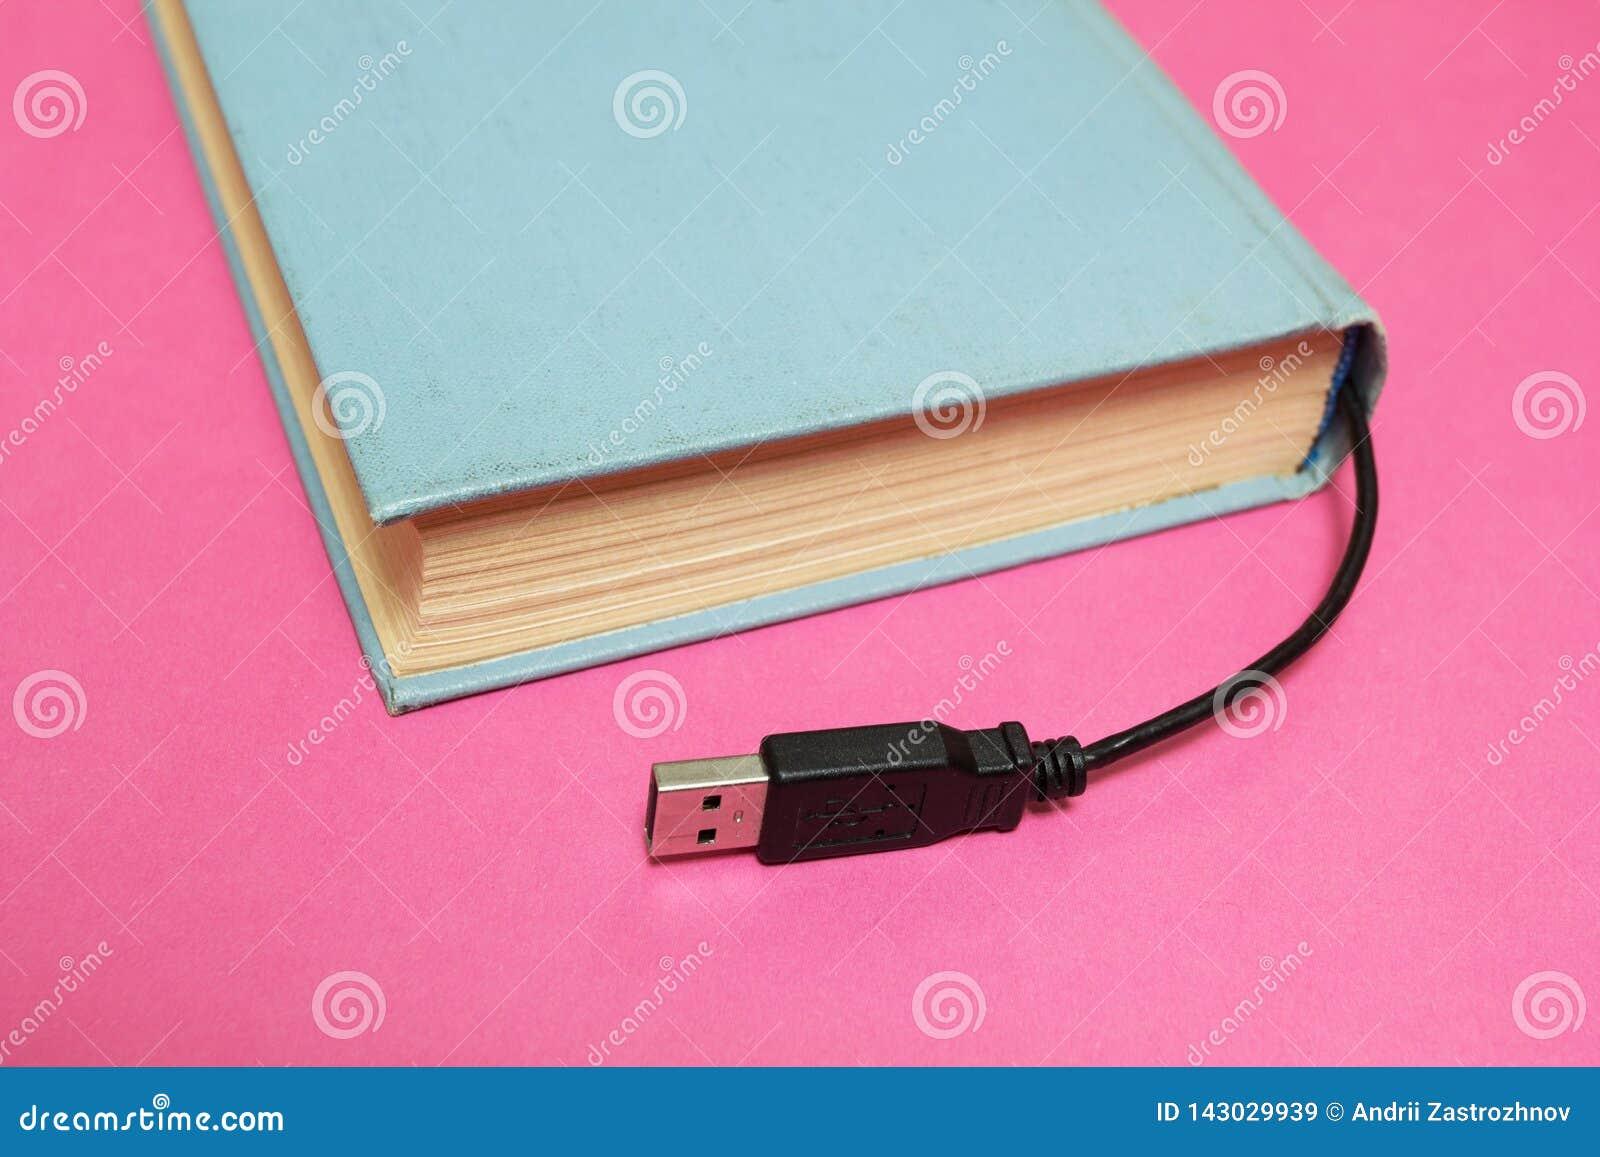 Boek met een schakelaar voor verbinding aan een computer op een roze achtergrond